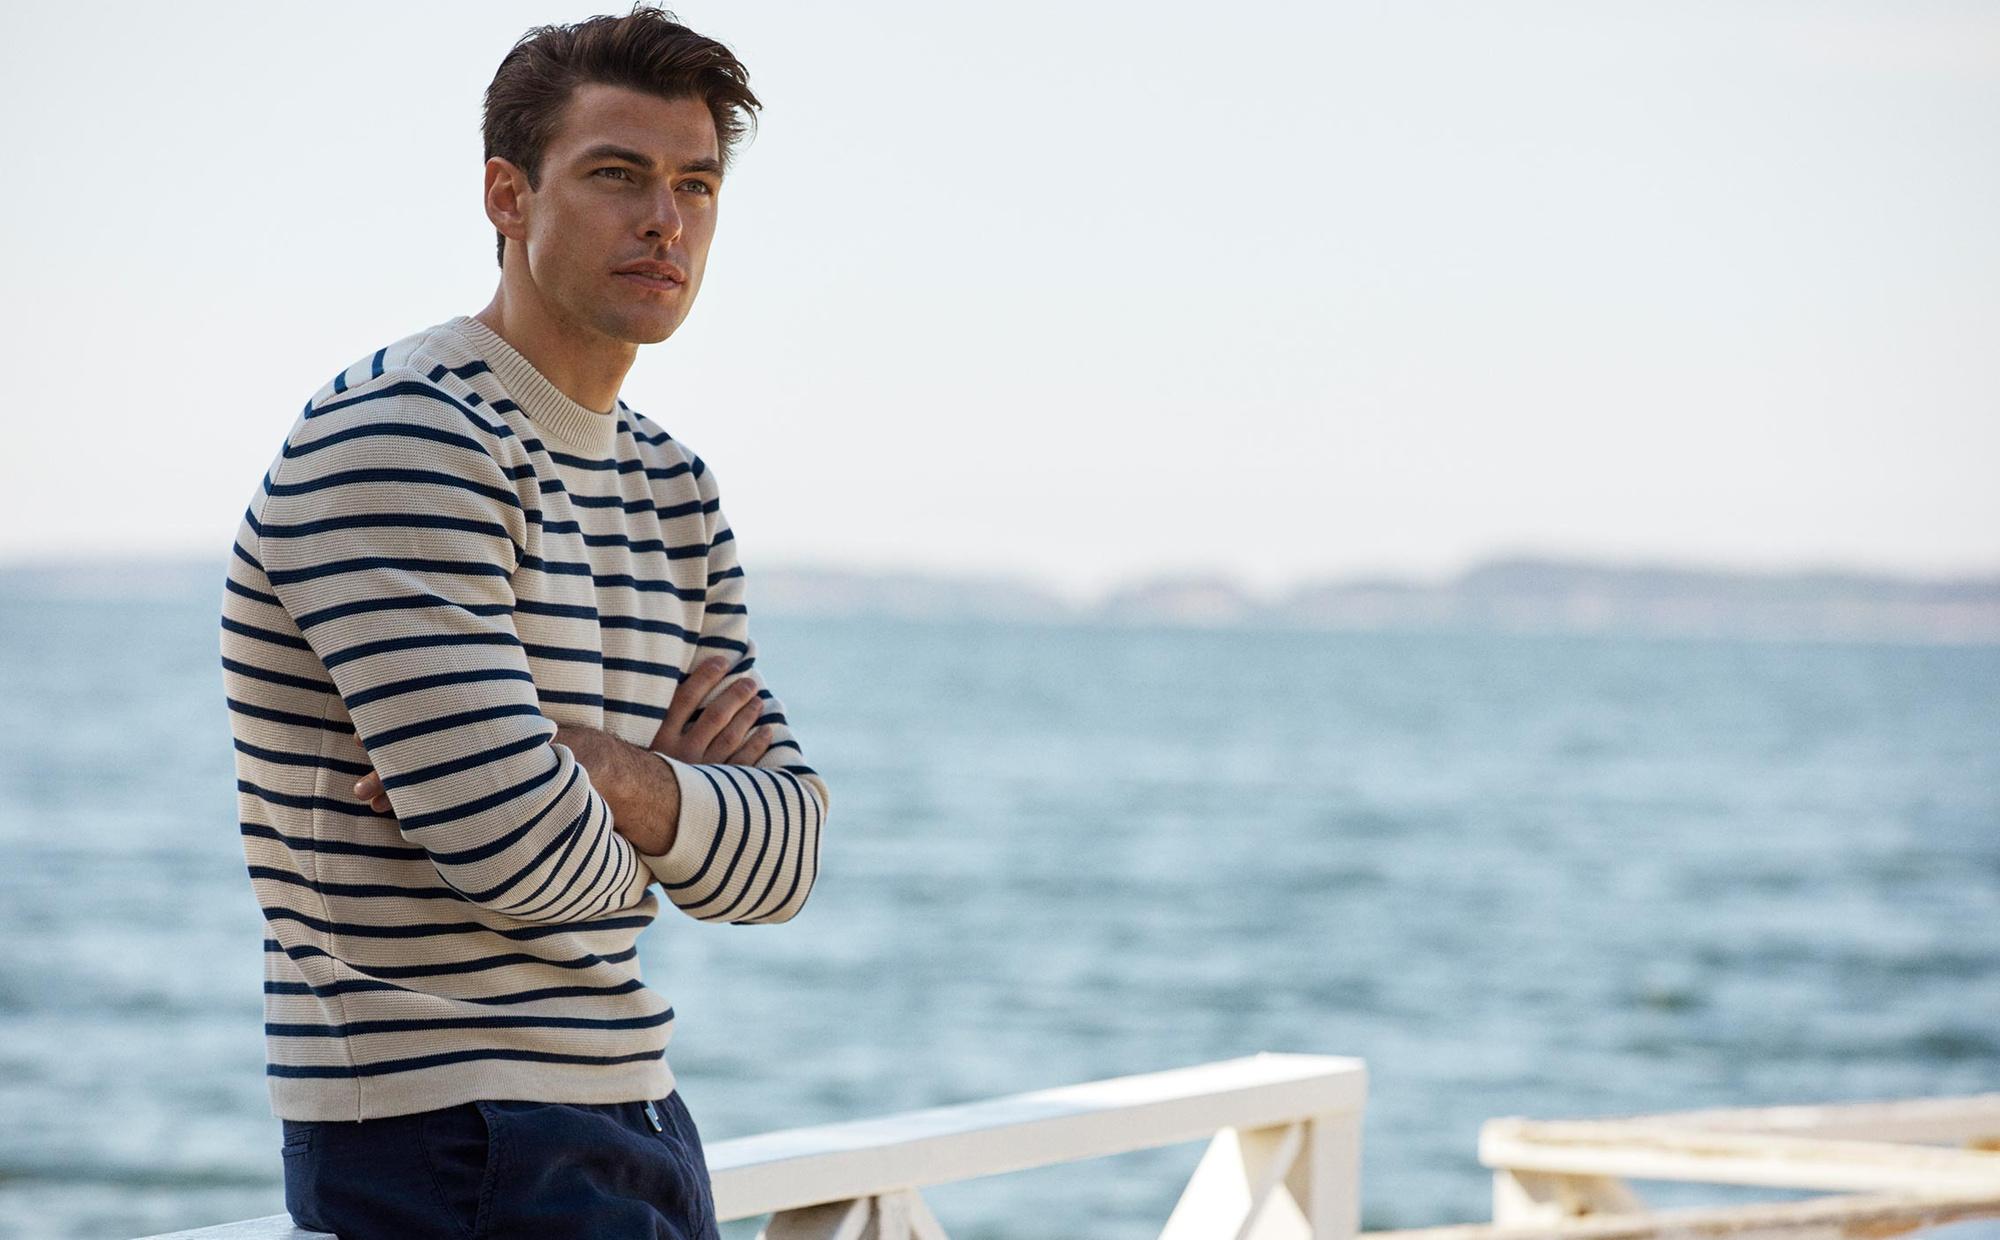 Martin Full Milano Striped Sweater